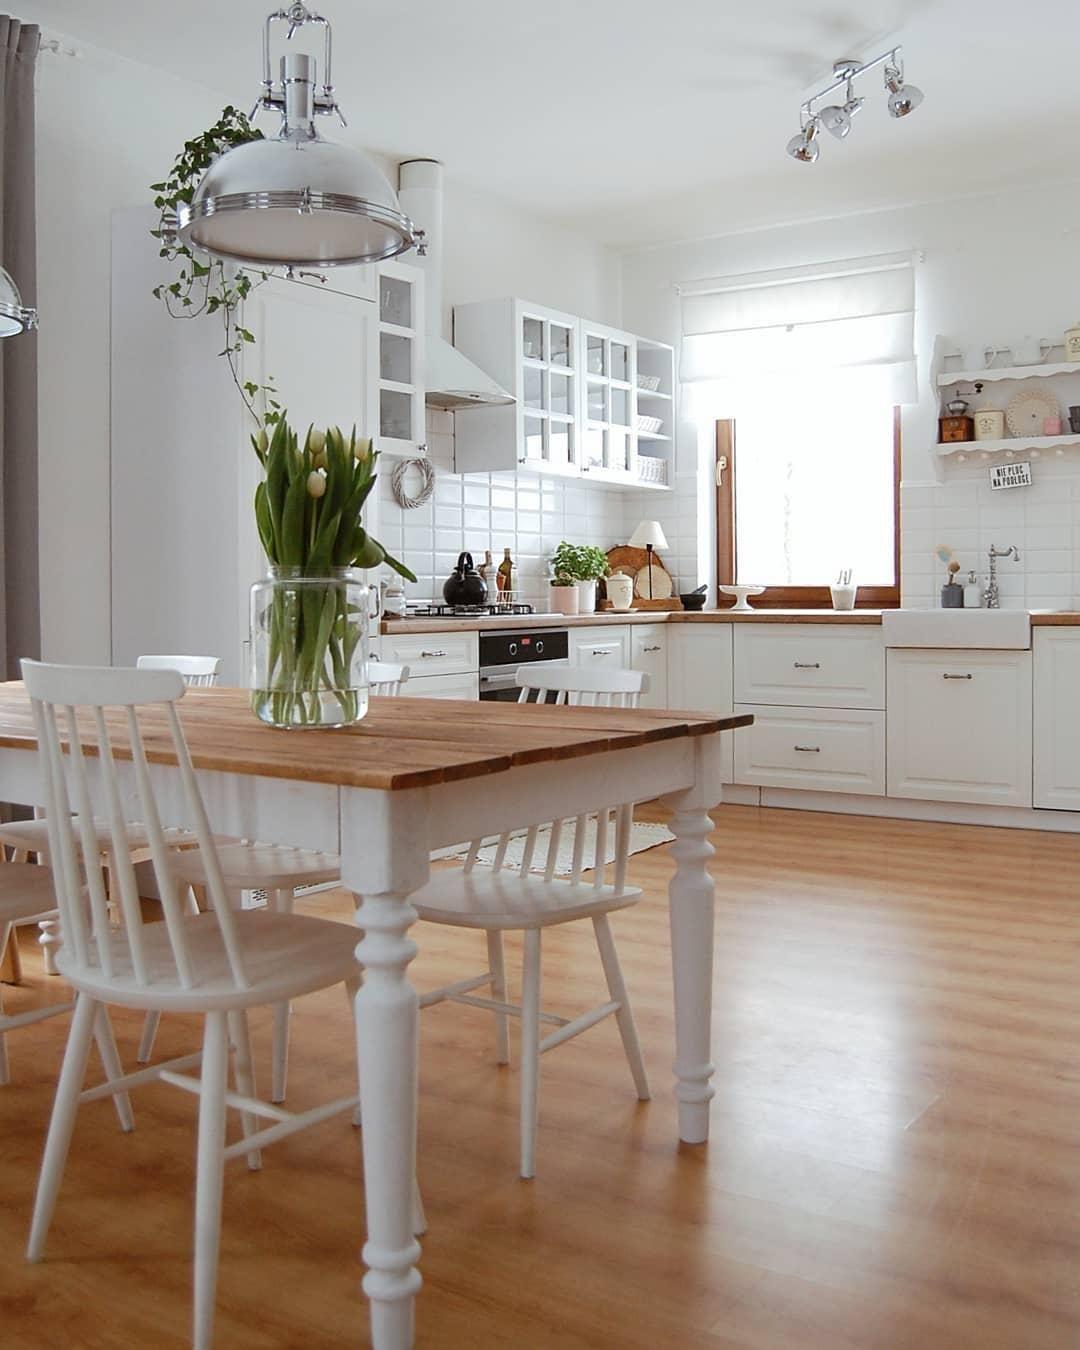 Kochen Ist Deine Leidenschaft Dann Teile Doch Das Endergebnis Mit Deinen Freunden Und Liebsten Bei Einem Leckeren Abendes Küchenumbau Haus Küchen Küchendesign